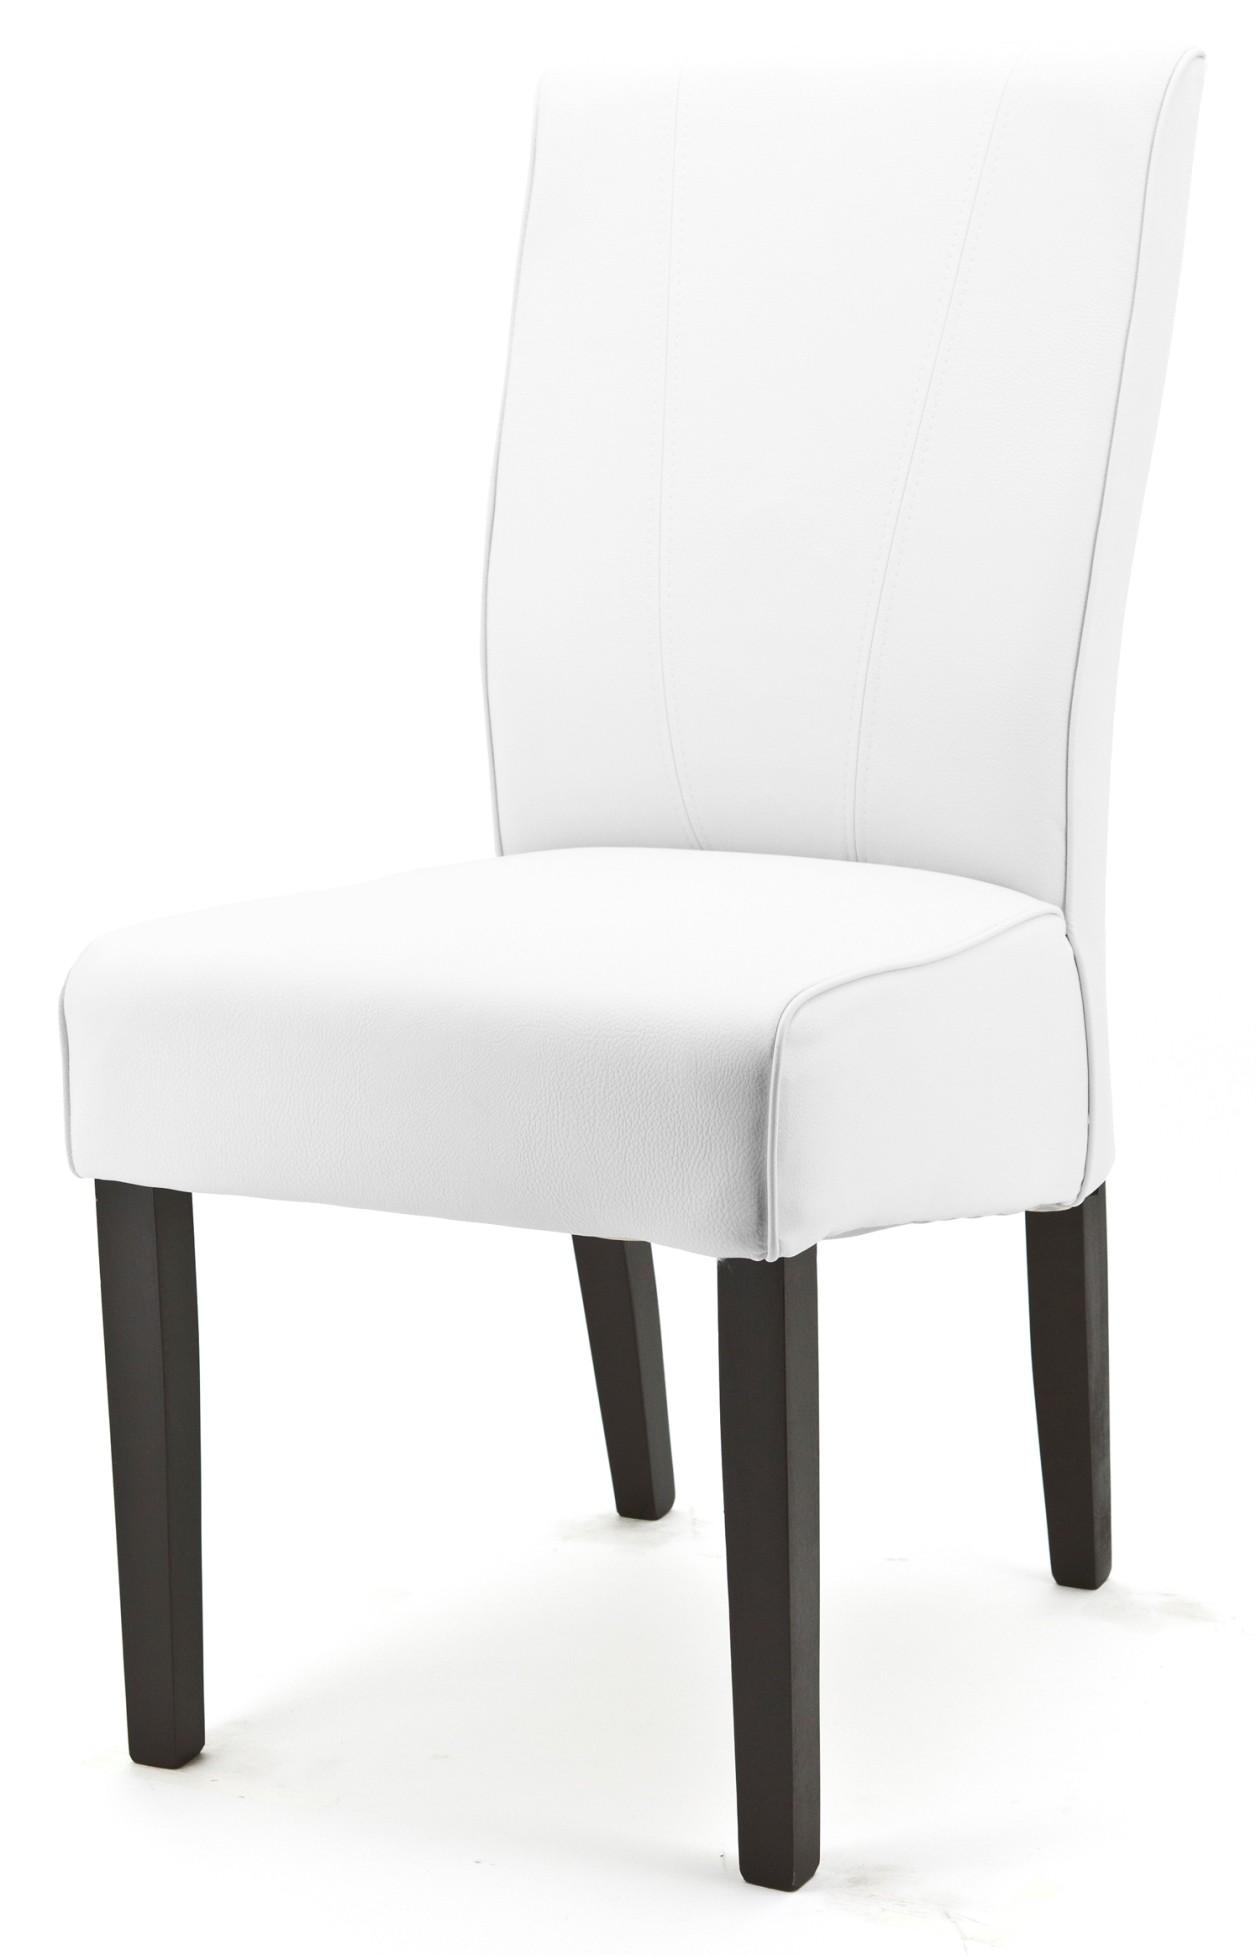 Alle bedrijven online stoel wit pagina 7 for Design stoel 24